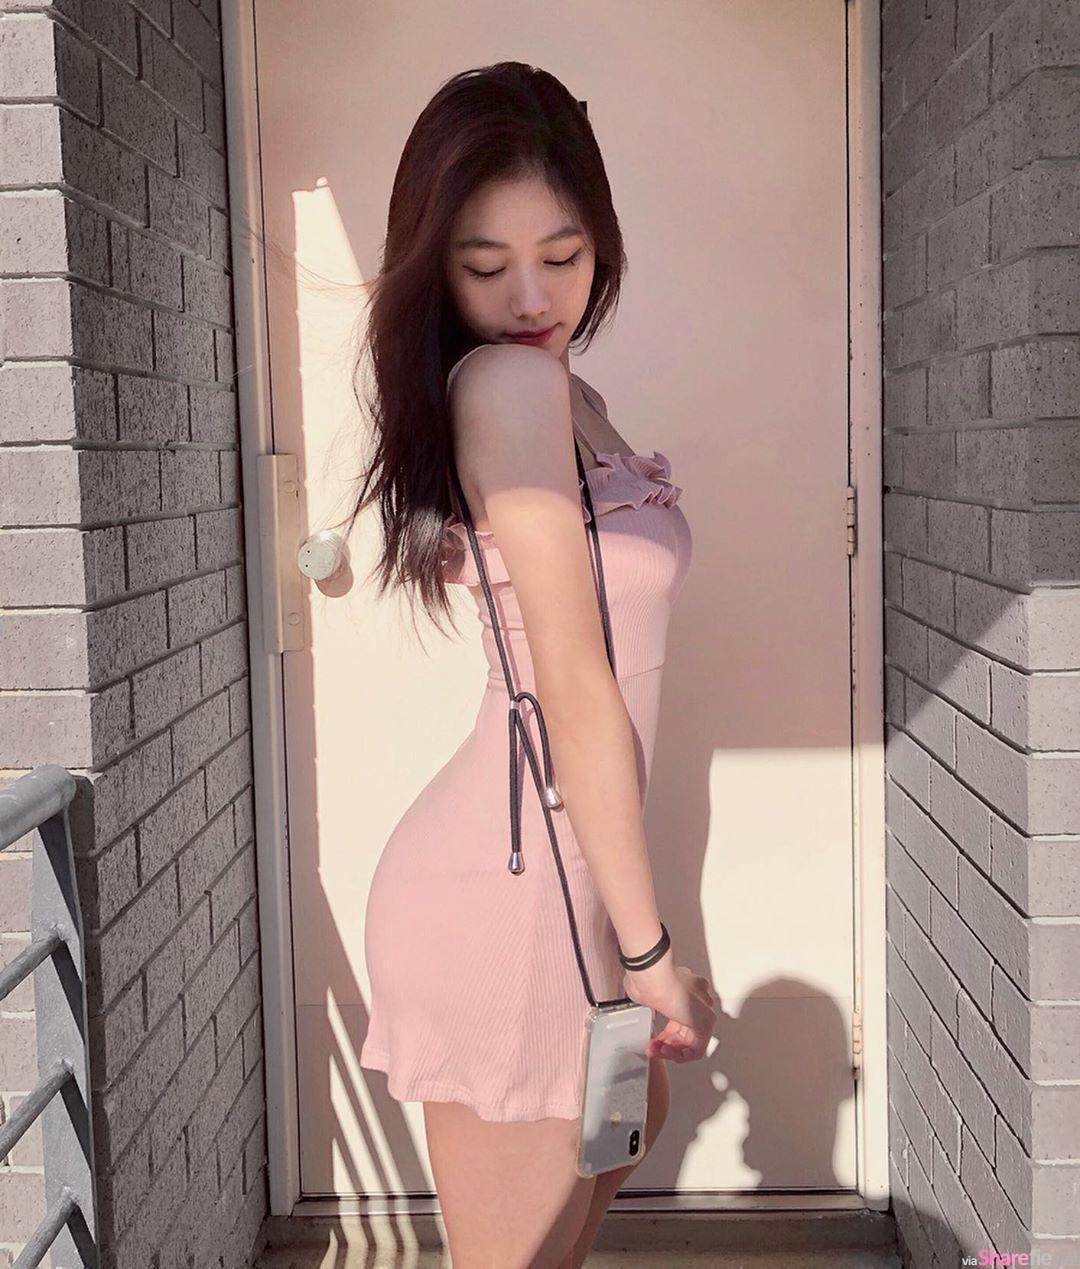 大马正妹Jewel Goh短裙蜜桃翘臀超犯规